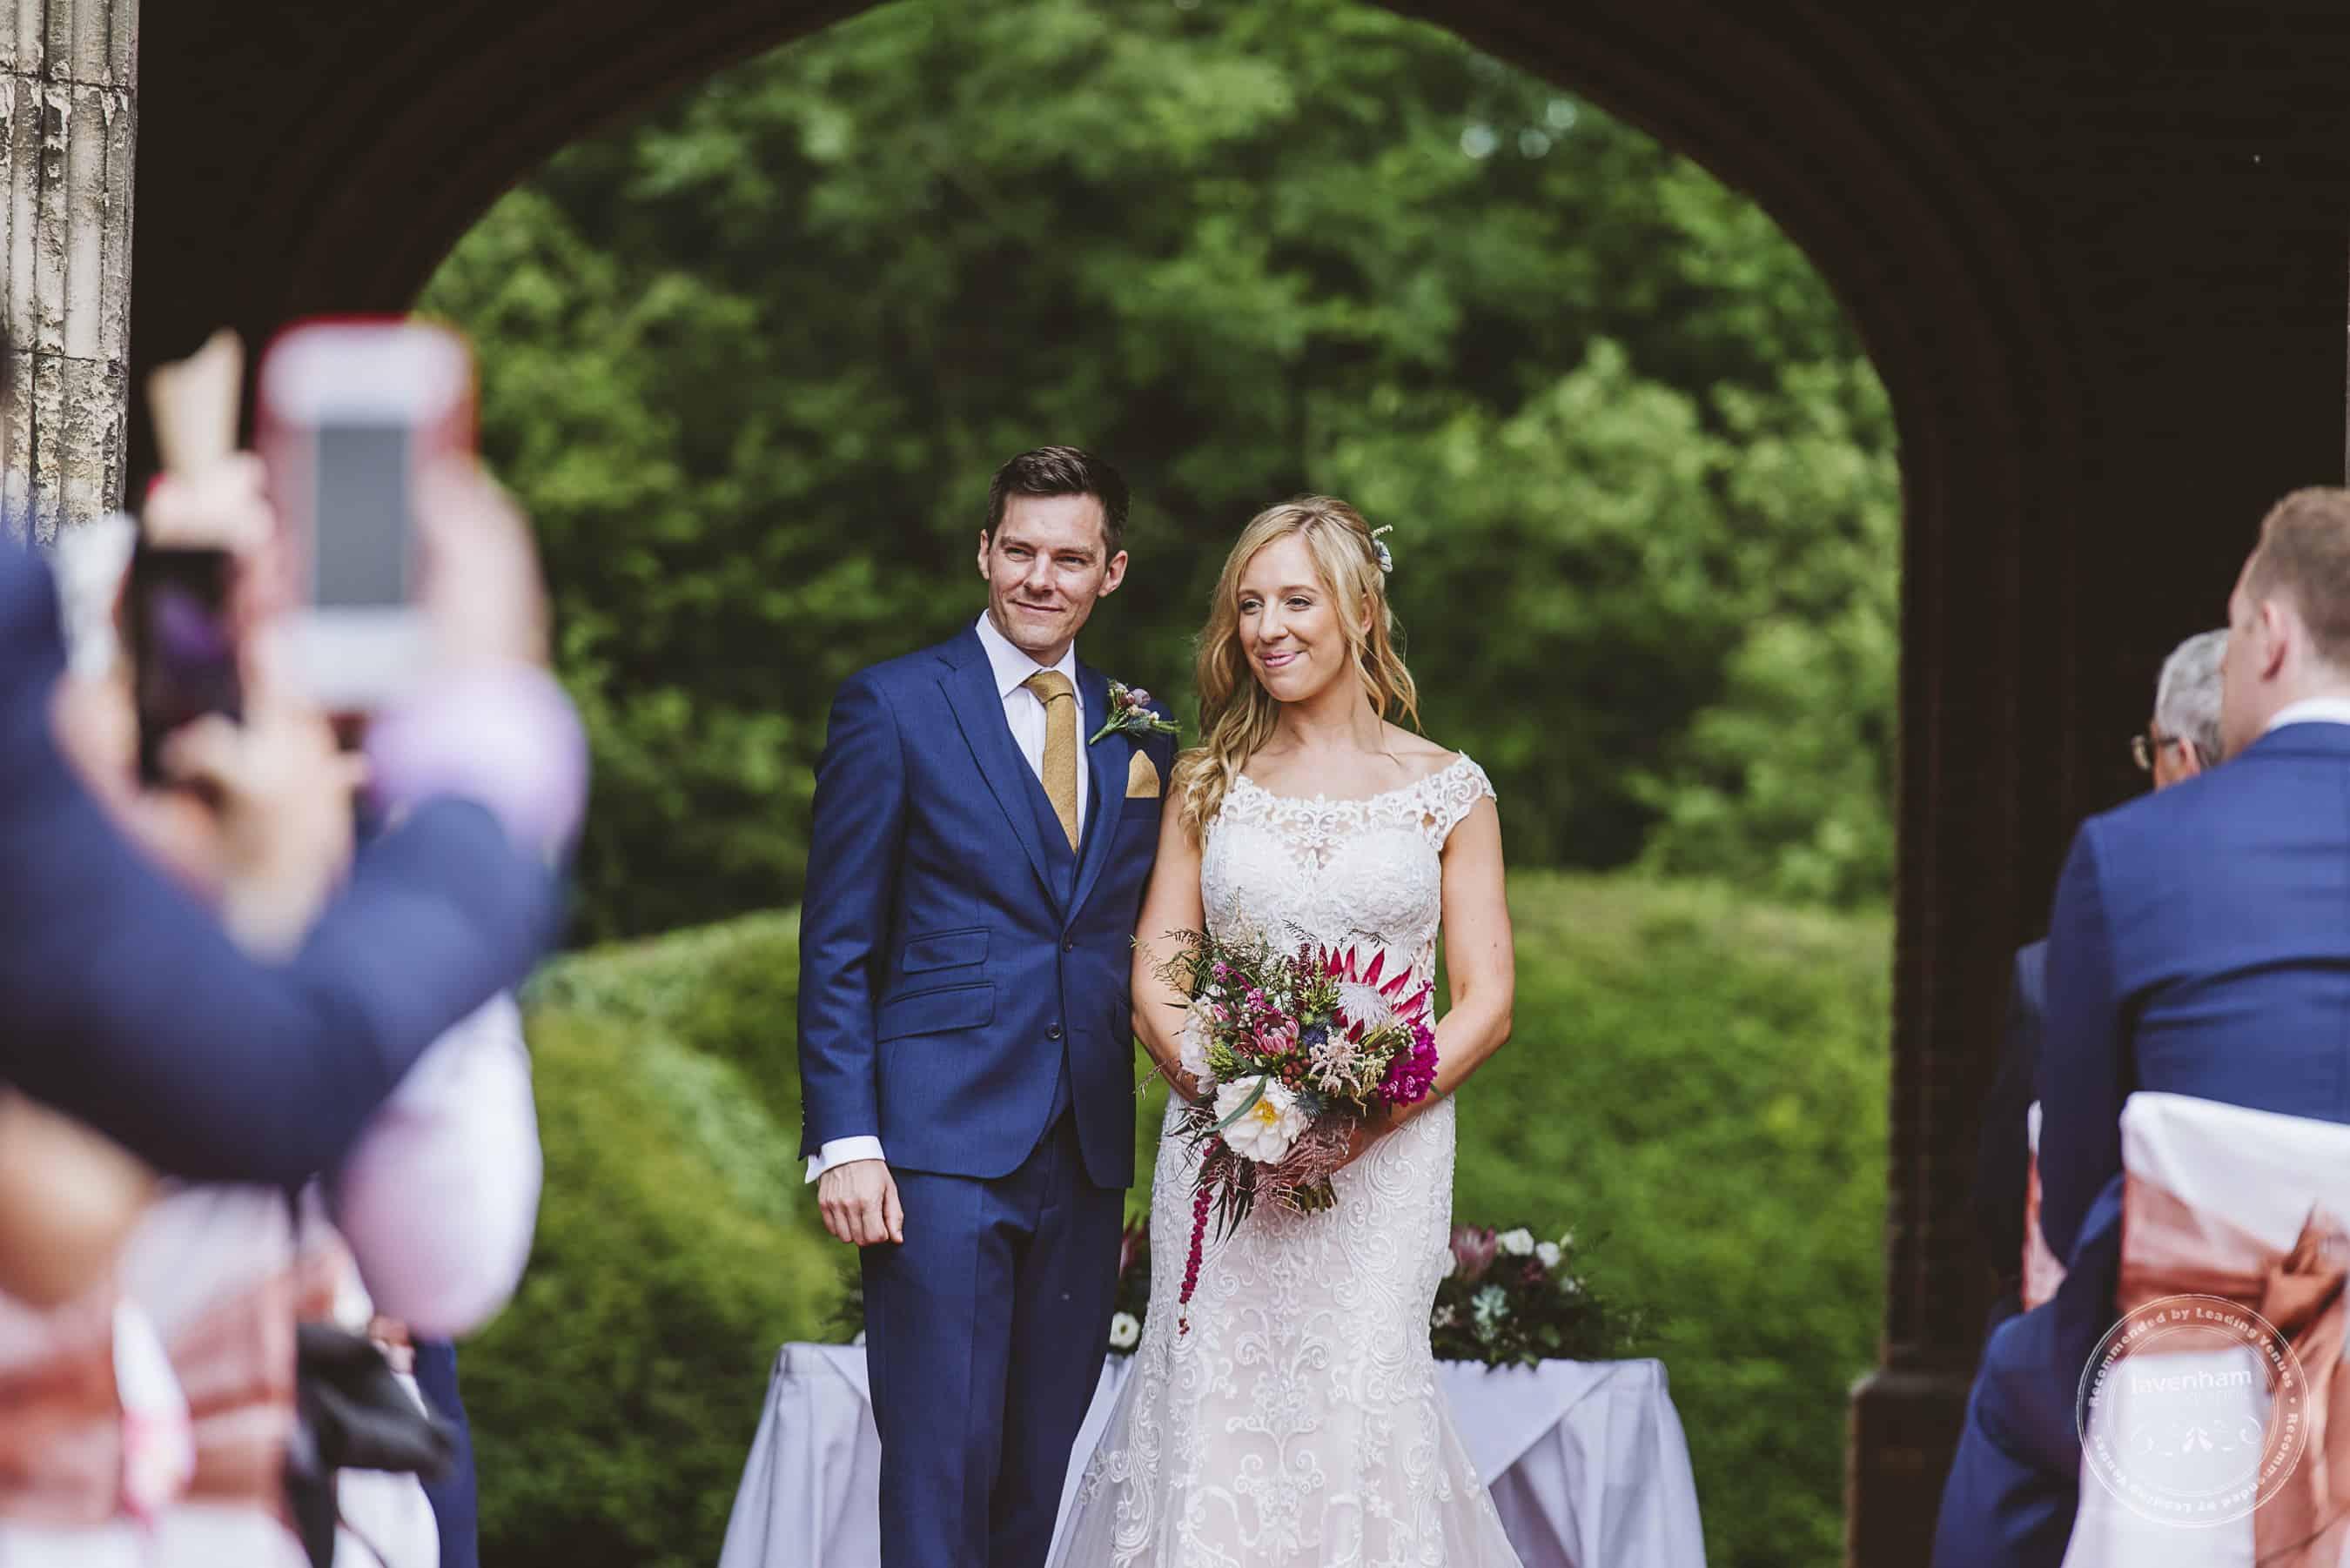 020618 Leez Priory Wedding Photography Lavenham Photographic 061